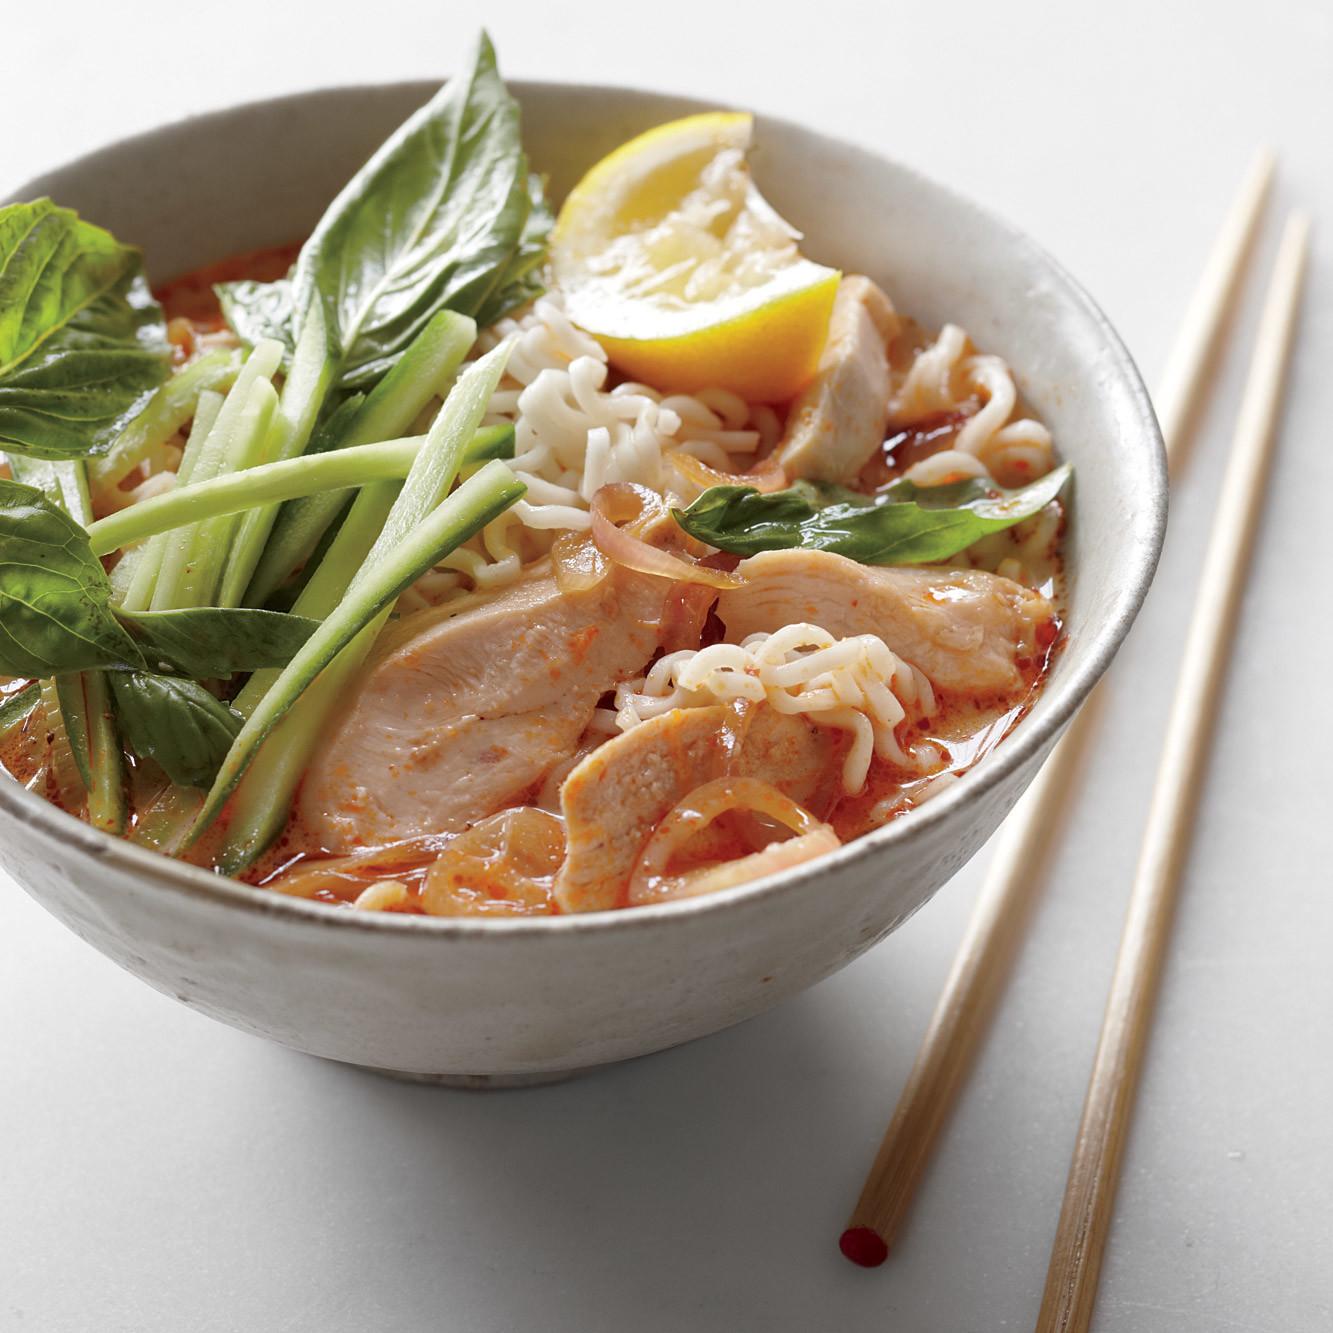 Coconut-Curry Noodle Soup